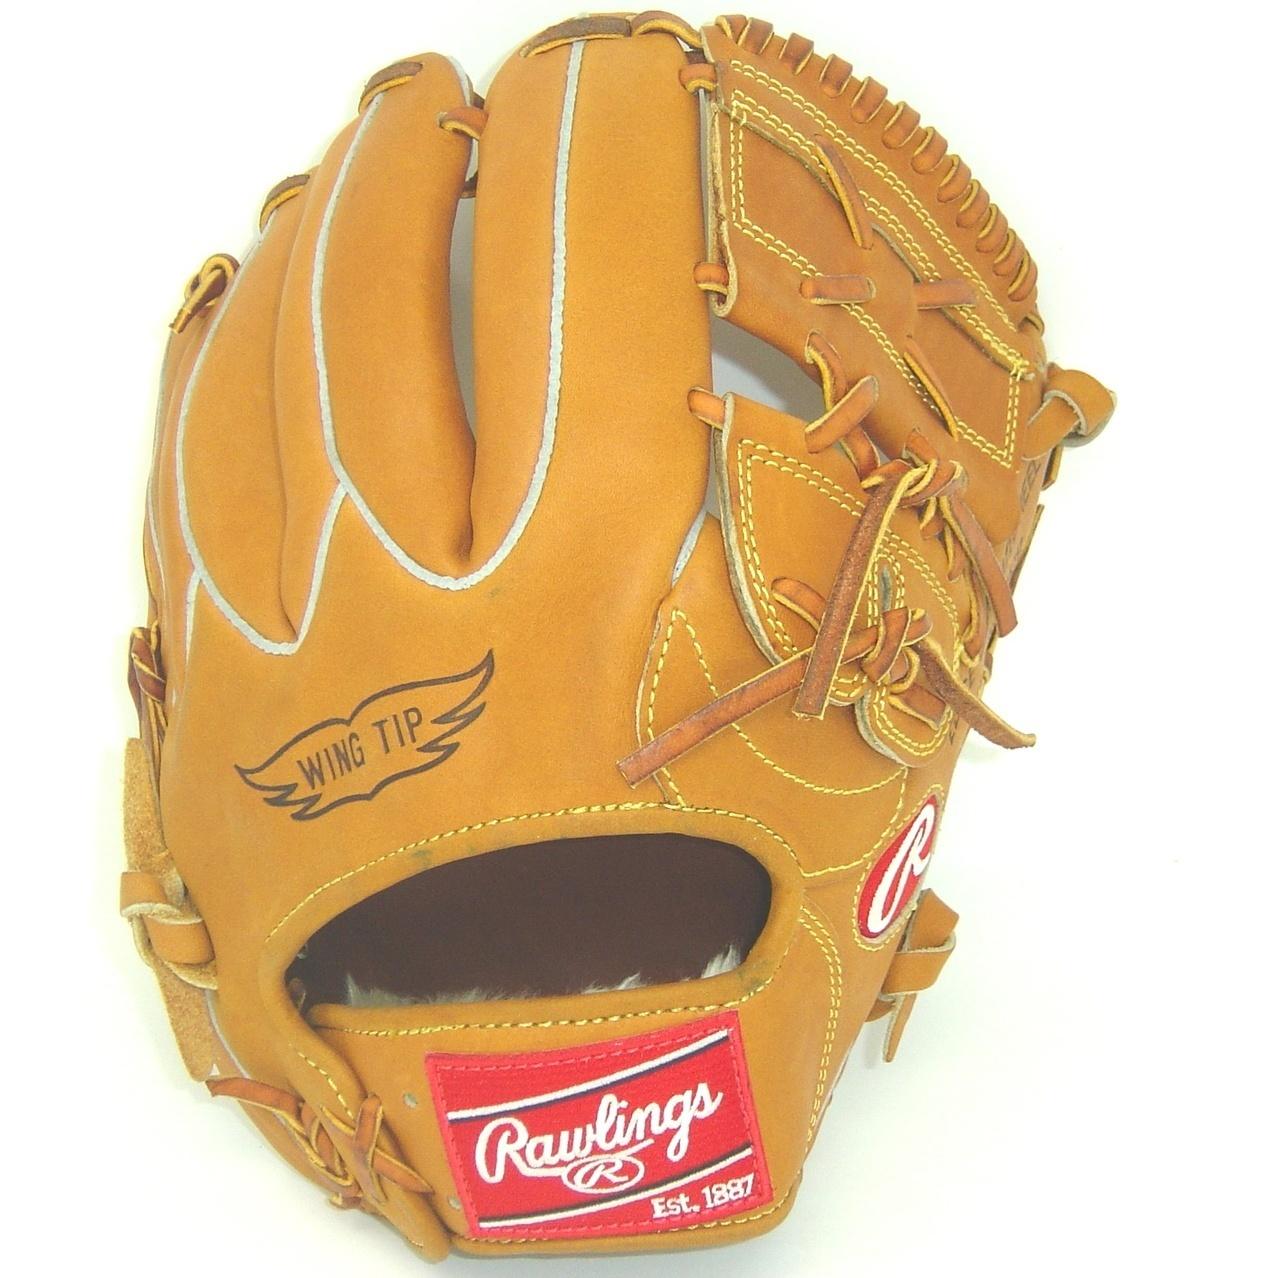 rawlings classic horween baseball glove